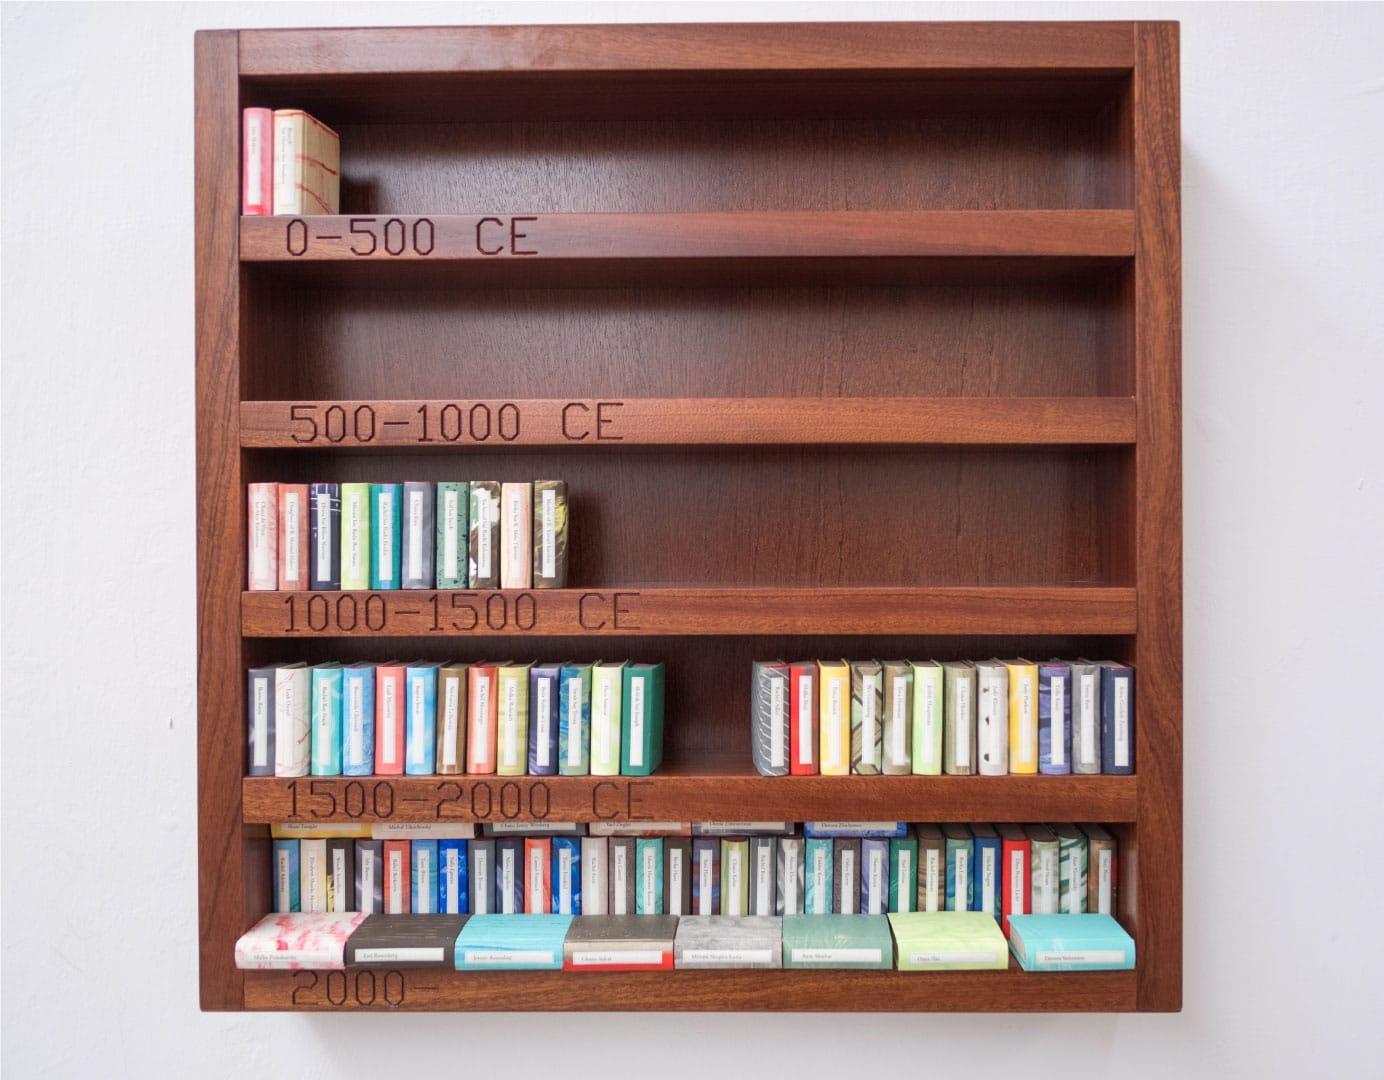 """רות שרייבר, מתקדמים סוף סוף: כוננית הספרים שלי, 2016. 60×60×10 ס""""מ. עץ ונייר. אוסף האמנית"""